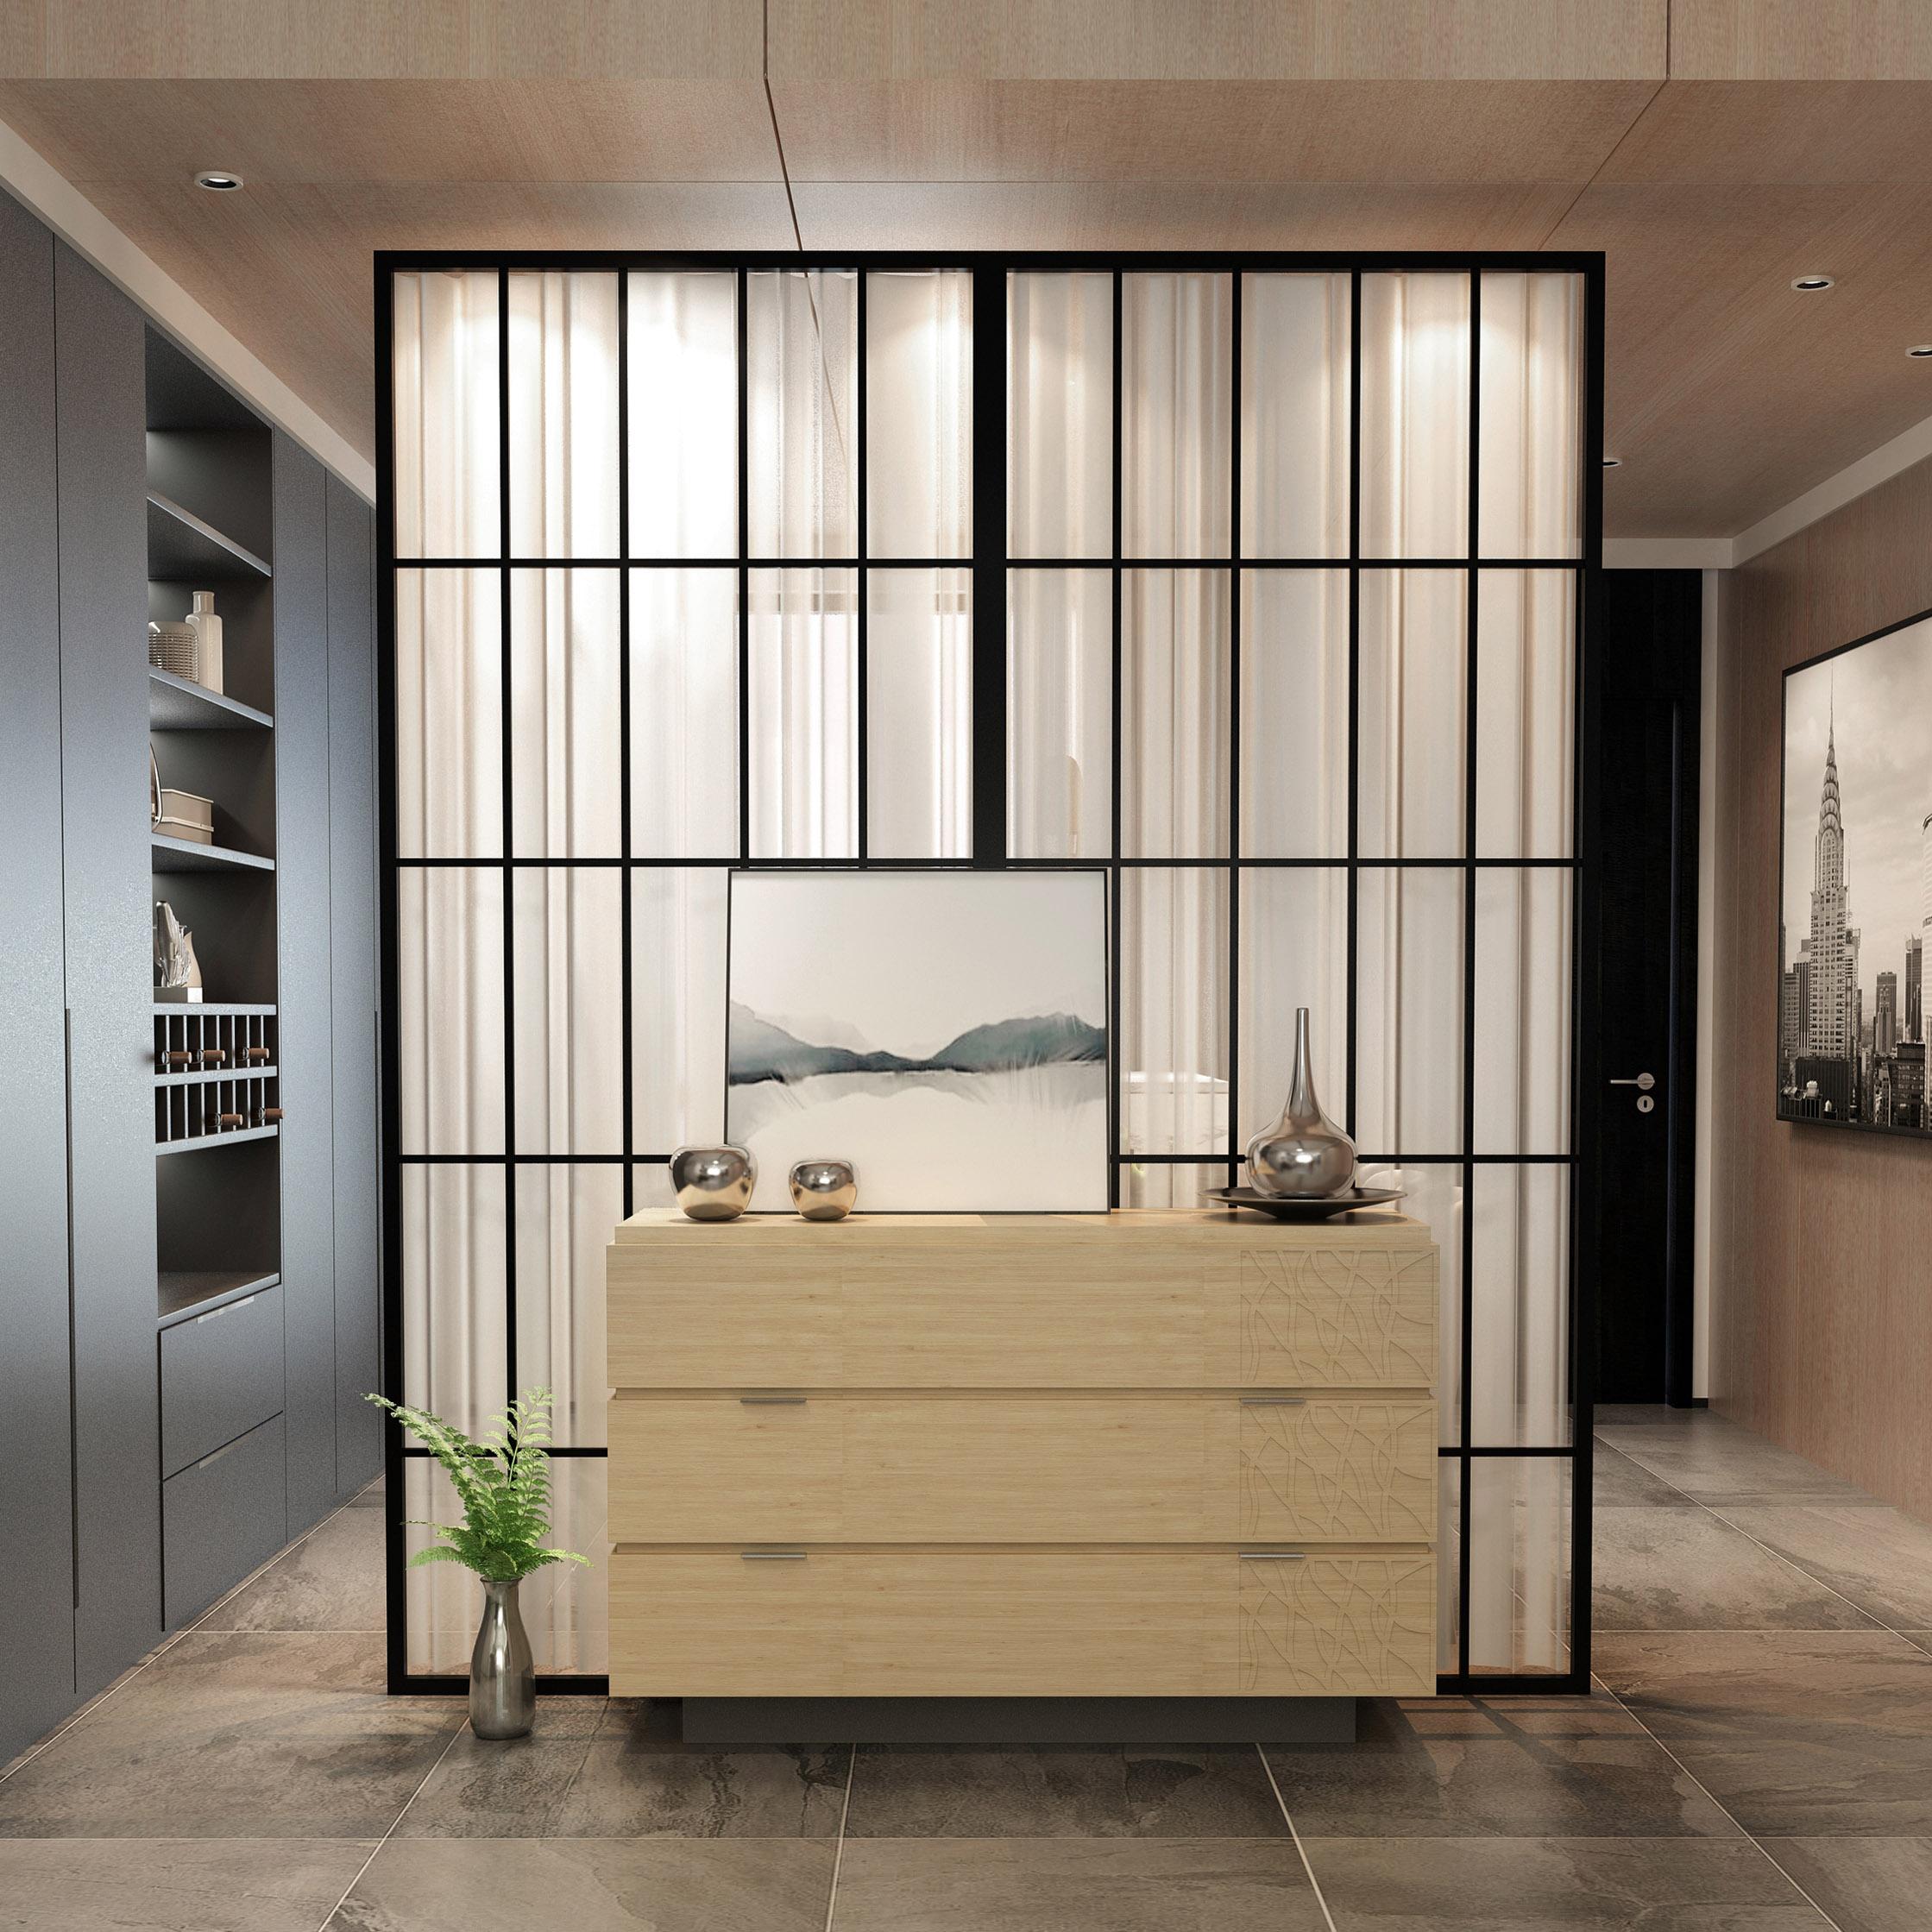 北欧简约屏风隔断墙房间卧室客厅入户餐厅服装店装饰家用铁艺定制